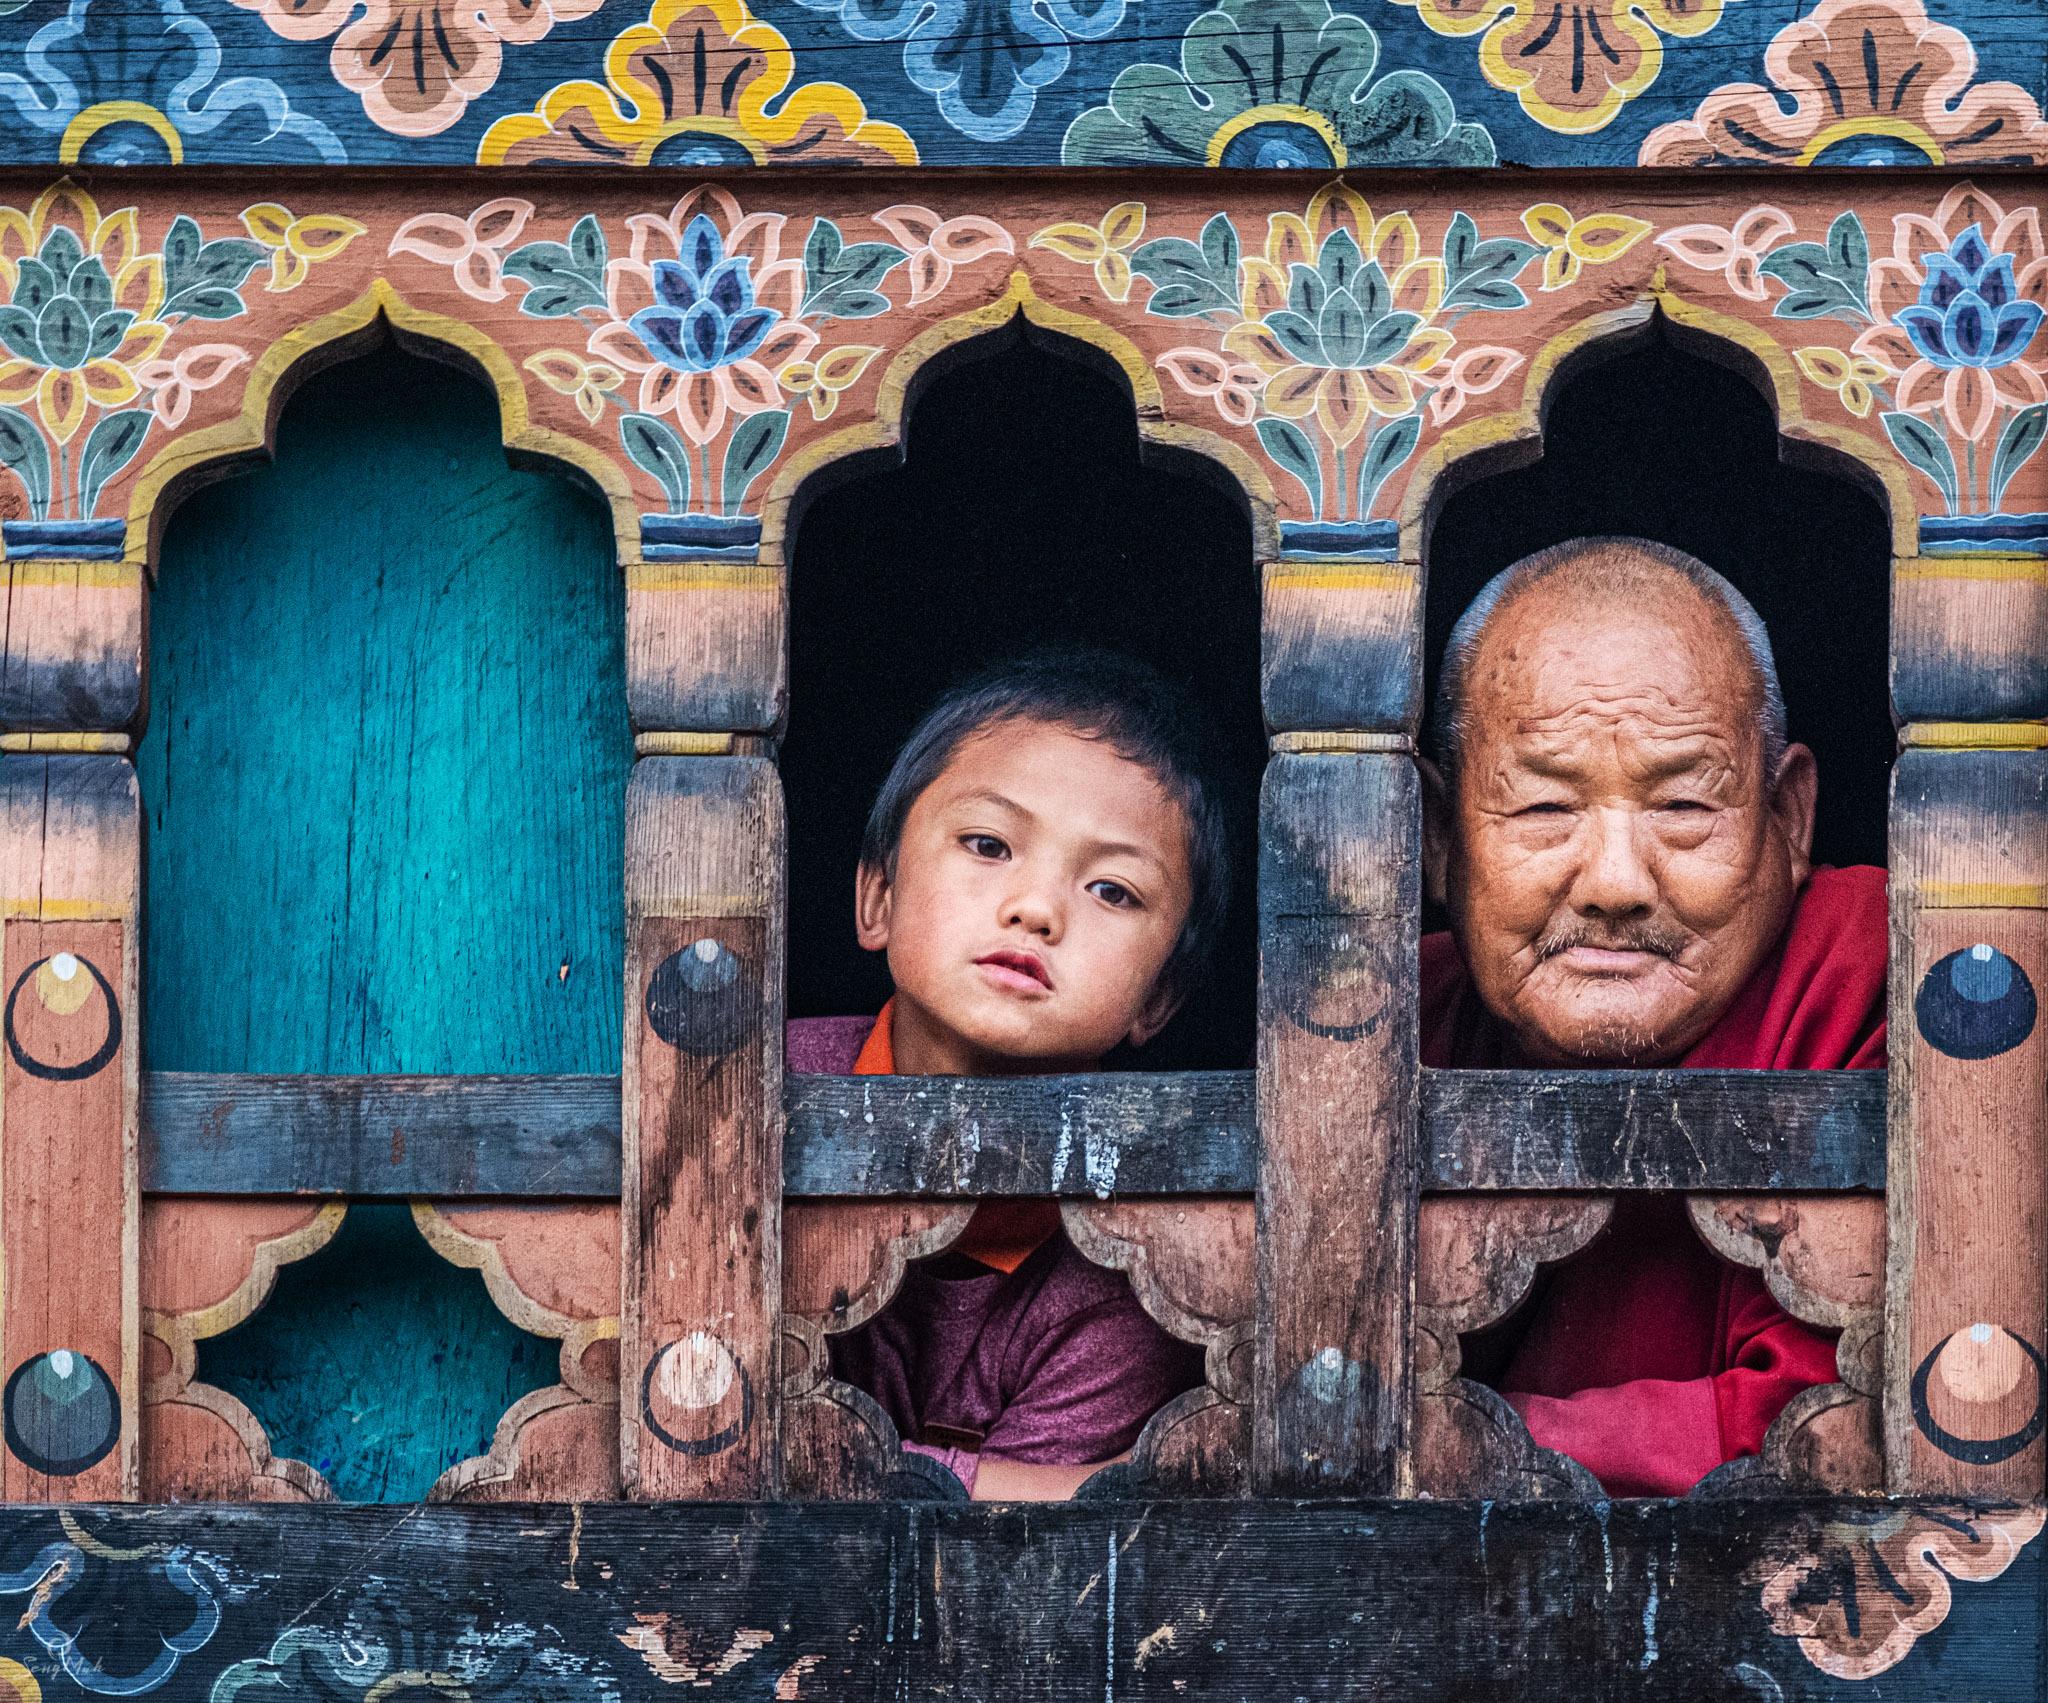 Bhutan - faces in a window